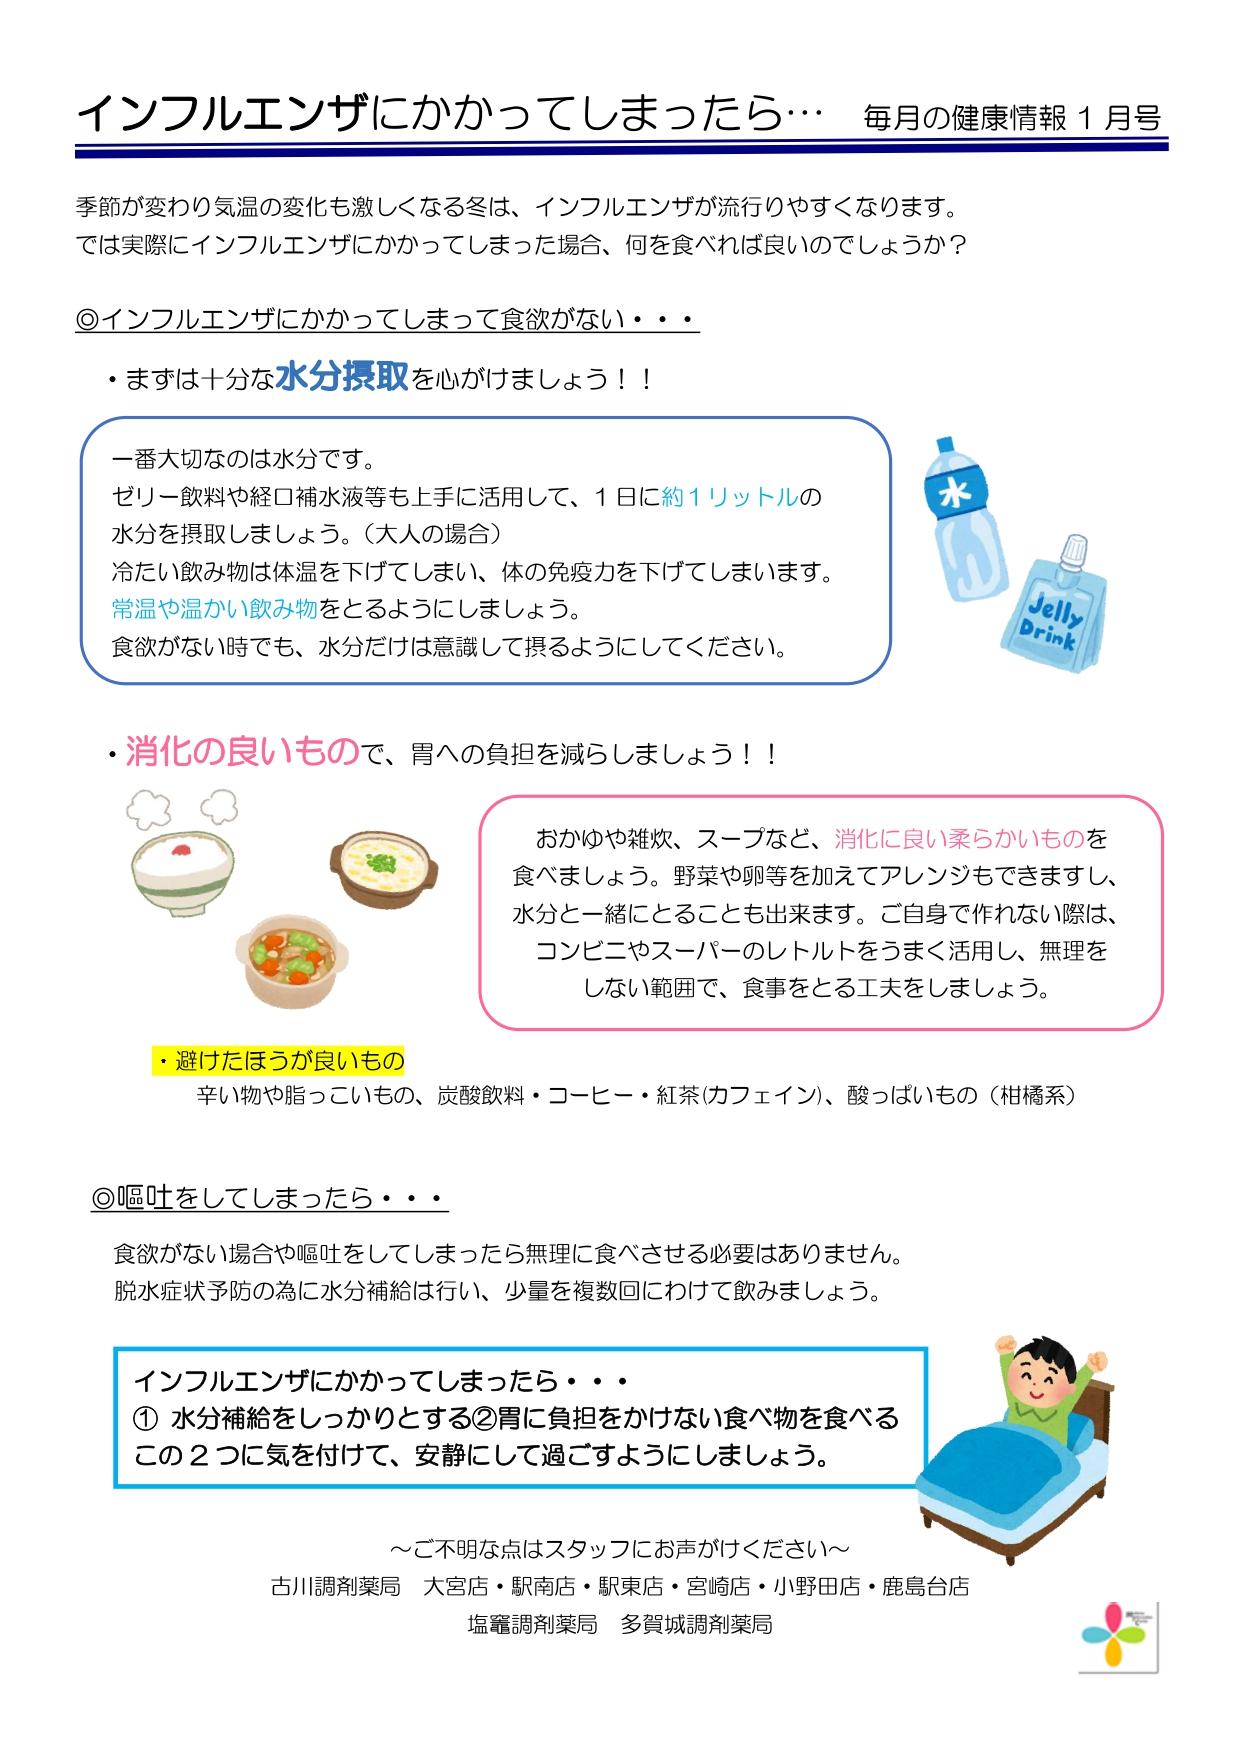 毎月の健康情報 1月号 インフルエンザにかかった時の食事_page-0001